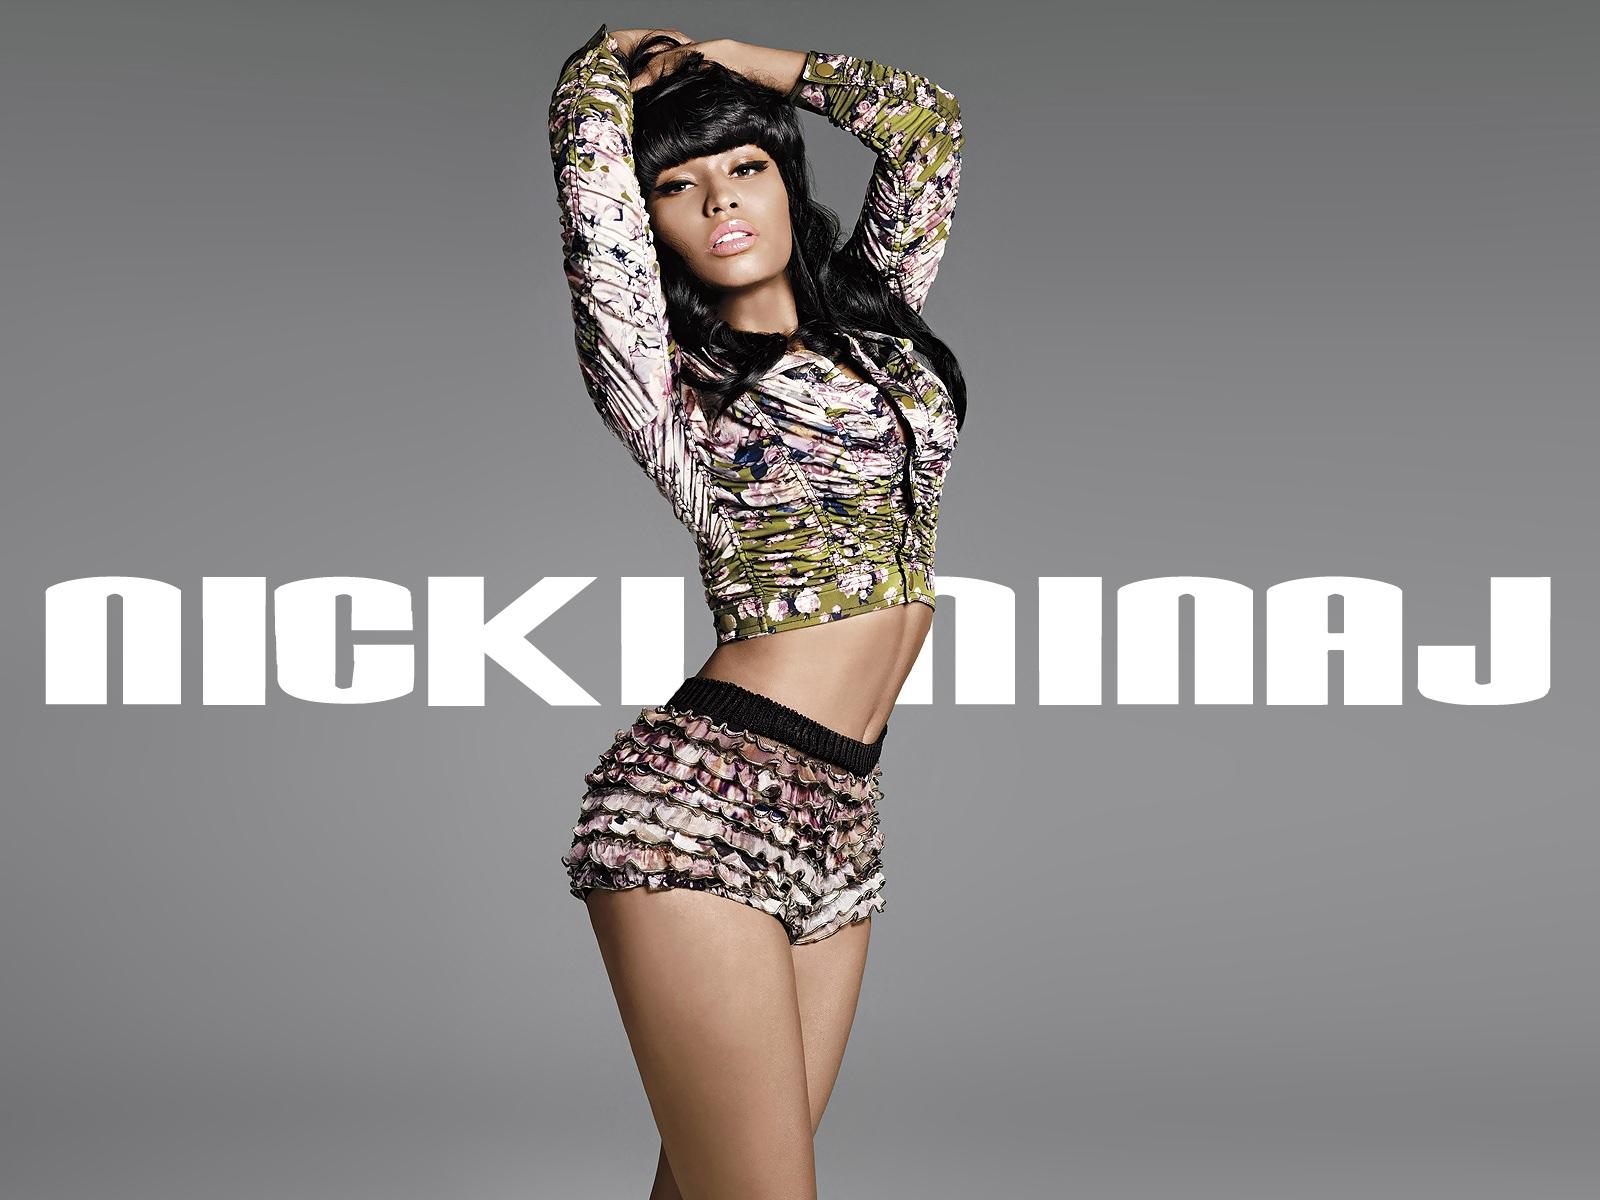 Nicki Minaj Nicki MInage :P